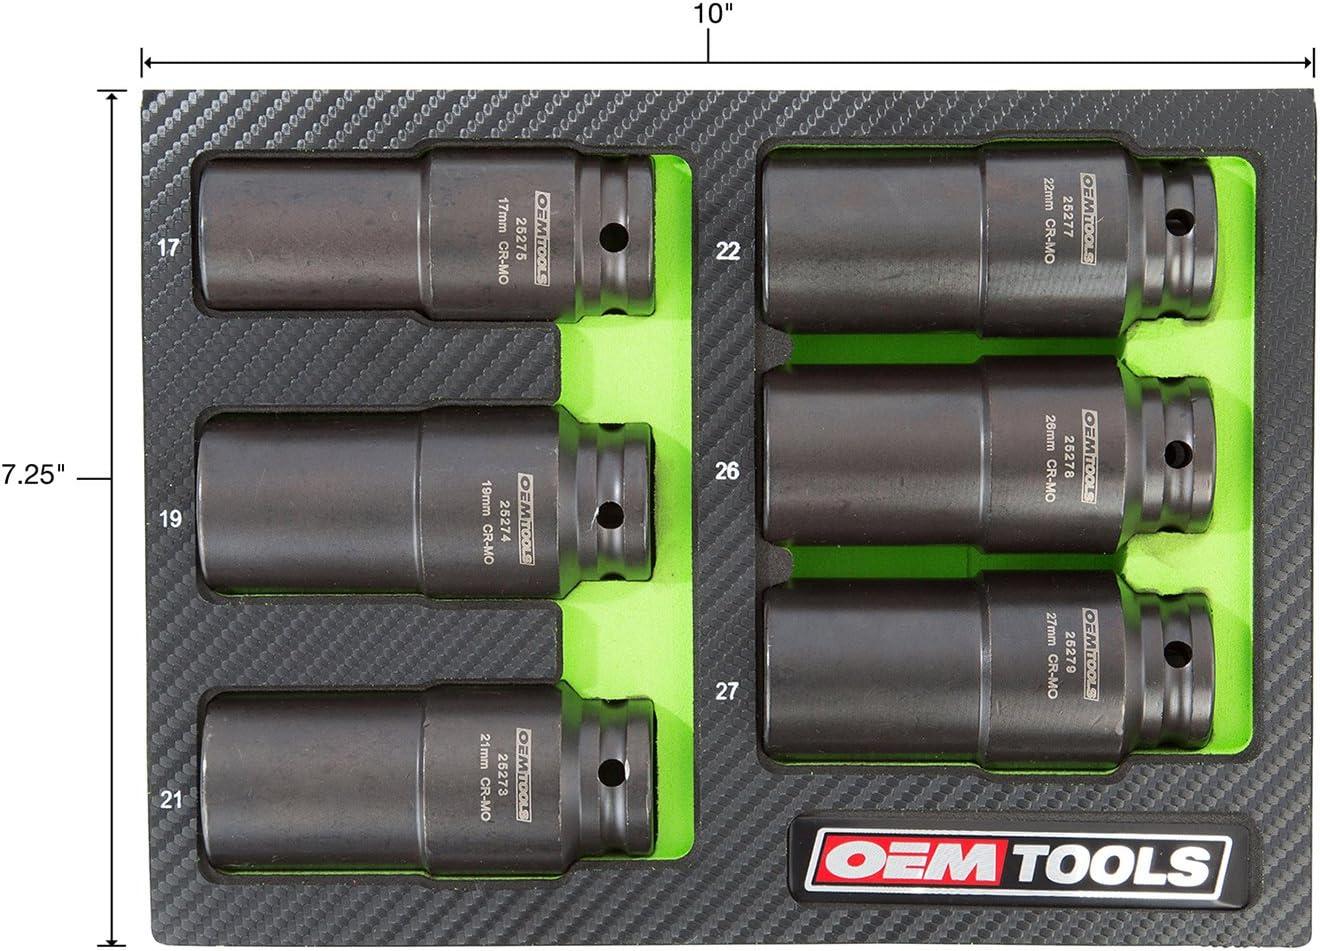 19Mm OEMTOOLS 25274 Crank Bolt Socket